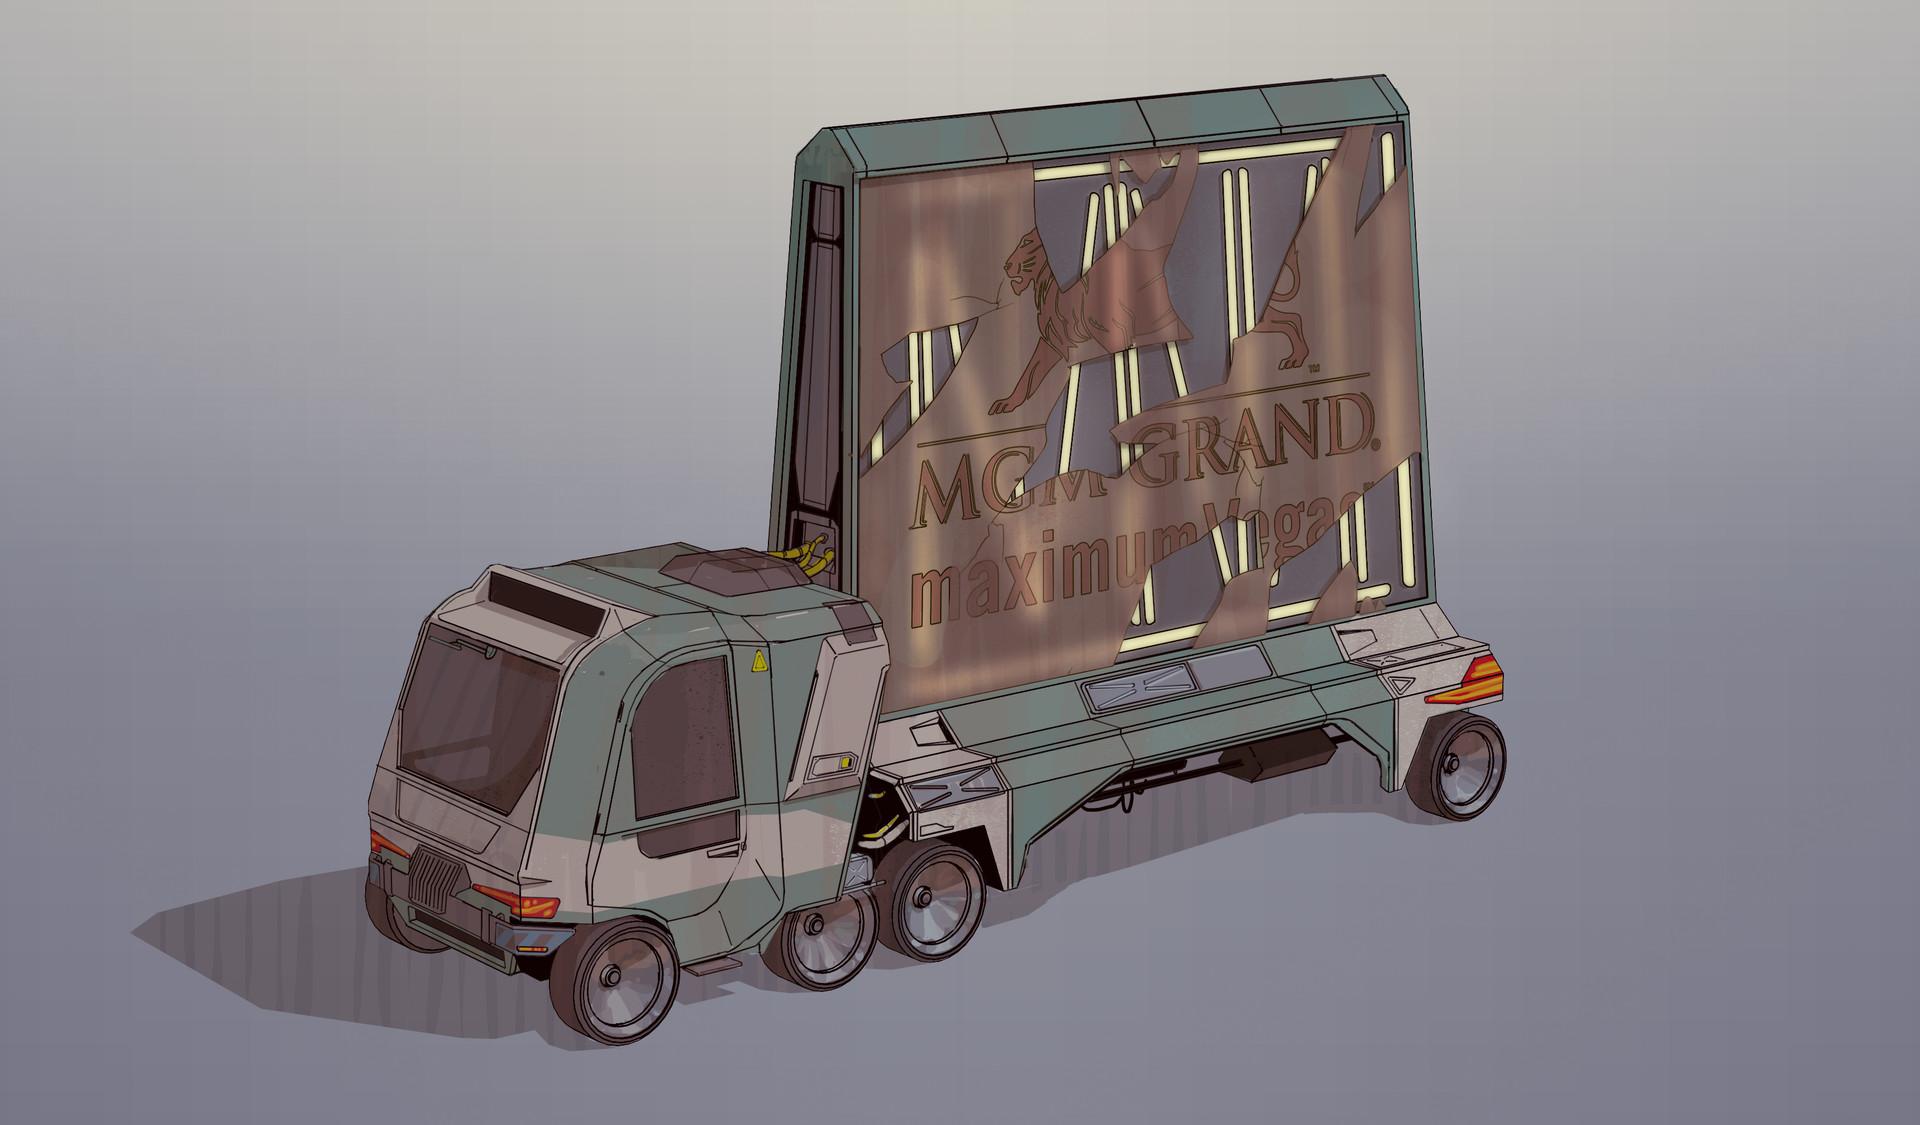 Jeremy paillotin tr 20170112 truck v003 jp